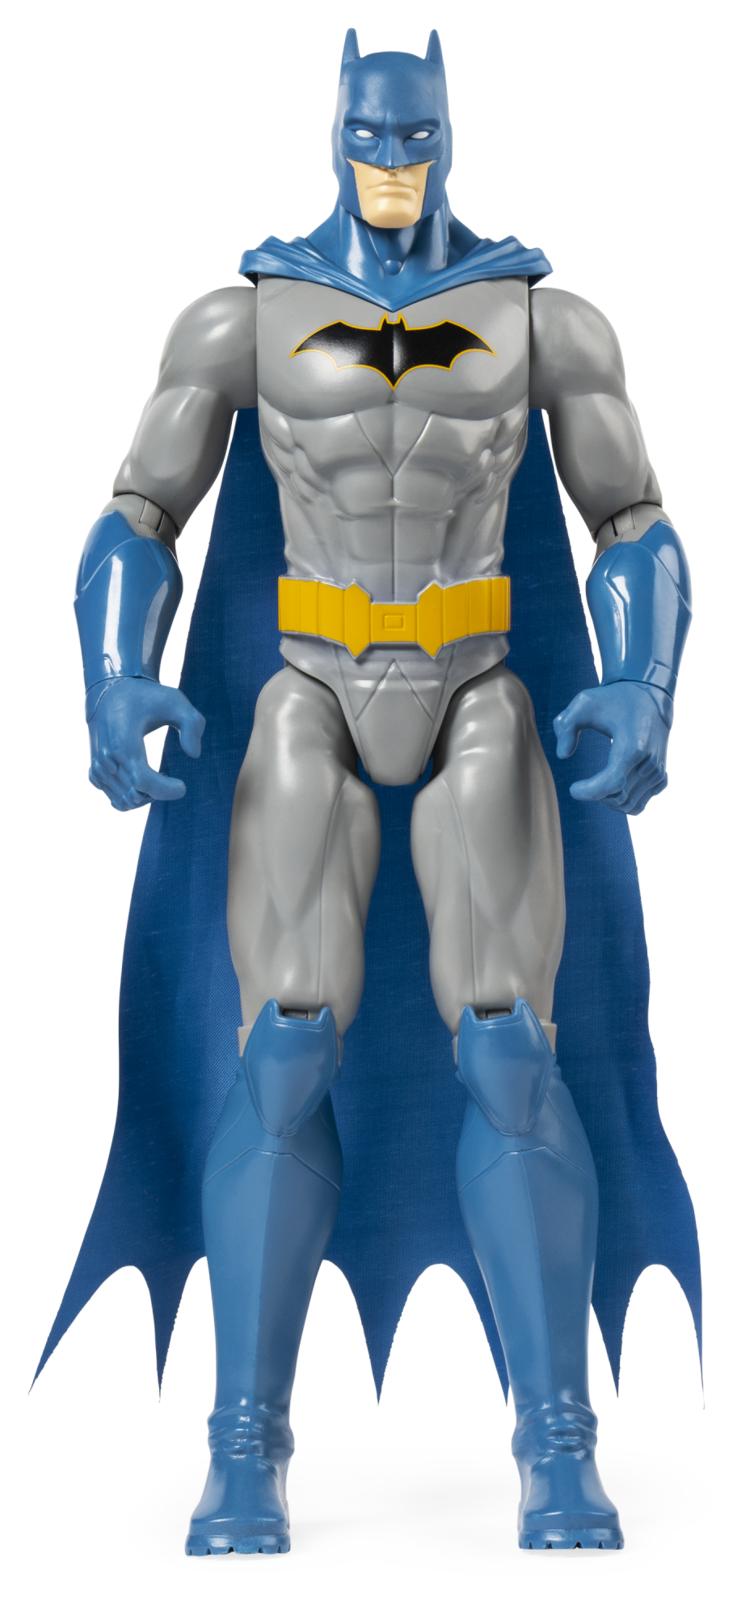 coolshop.co.uk - Batman – 30 cm Figure – Batman, Blue